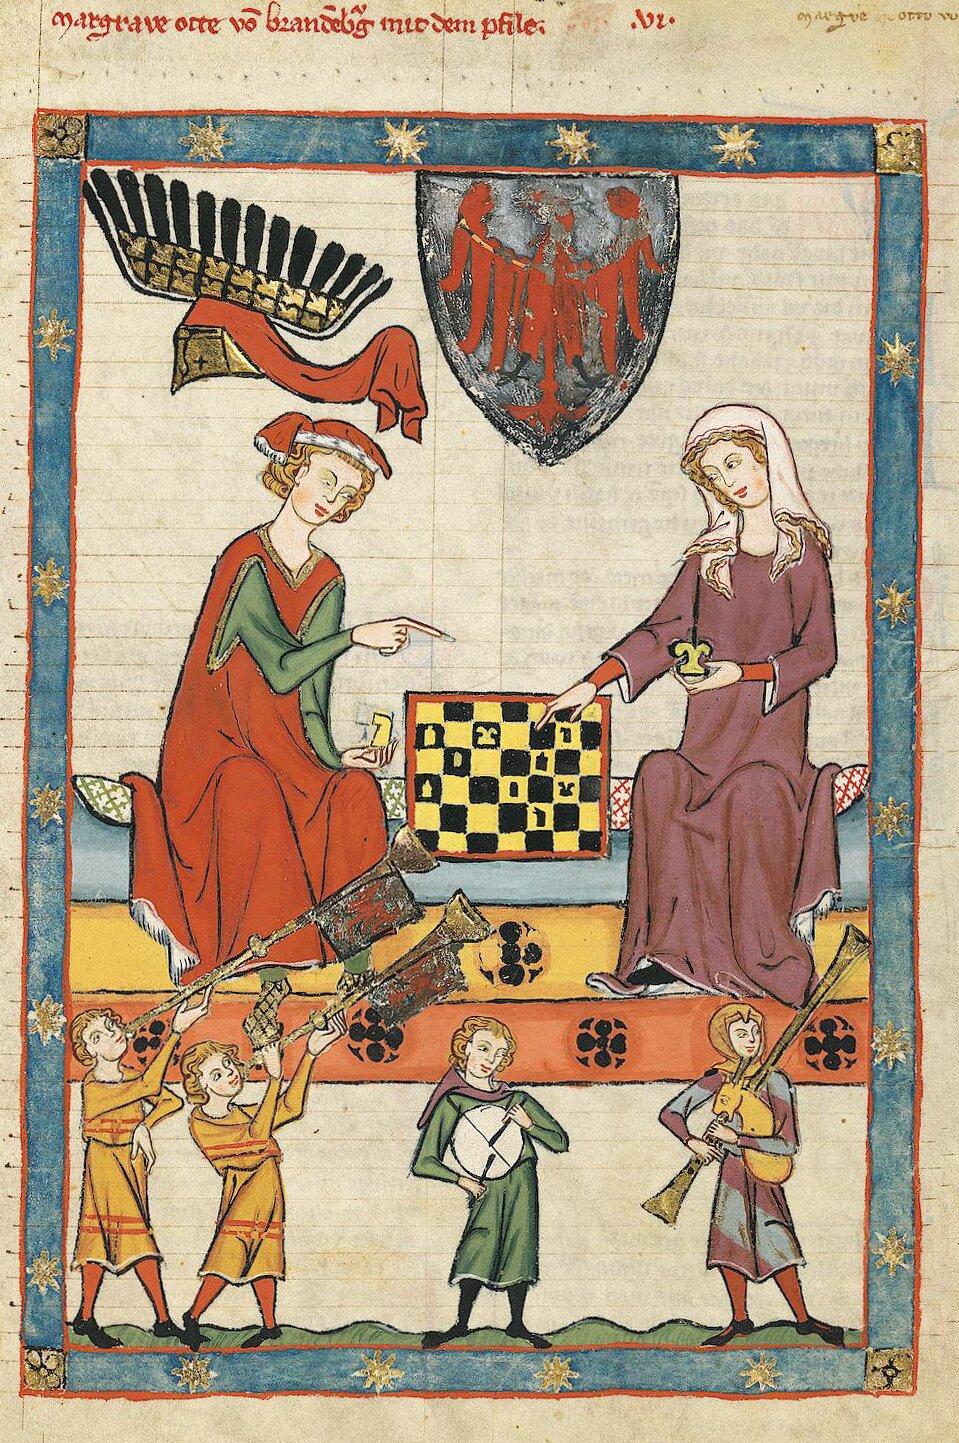 Miniaturazpierwszej poł. XIV w. zrękopisu przechowywanego obecnie wHeidelbergu. Obraz przedstawia księcia Ottona IV zBambergu grającego wszachy zjakąś niewiastą, udołu przygrywają im muzycy. Zwróć uwagę, jak namalowano szachownicę ijak namalowano muzyków (postacie są znacznie mniejsze niż książę). Miniaturazpierwszej poł. XIV w. zrękopisu przechowywanego obecnie wHeidelbergu. Obraz przedstawia księcia Ottona IV zBambergu grającego wszachy zjakąś niewiastą, udołu przygrywają im muzycy. Zwróć uwagę, jak namalowano szachownicę ijak namalowano muzyków (postacie są znacznie mniejsze niż książę). Źródło: Meister des Codex Manesse, 1305-1340, domena publiczna.